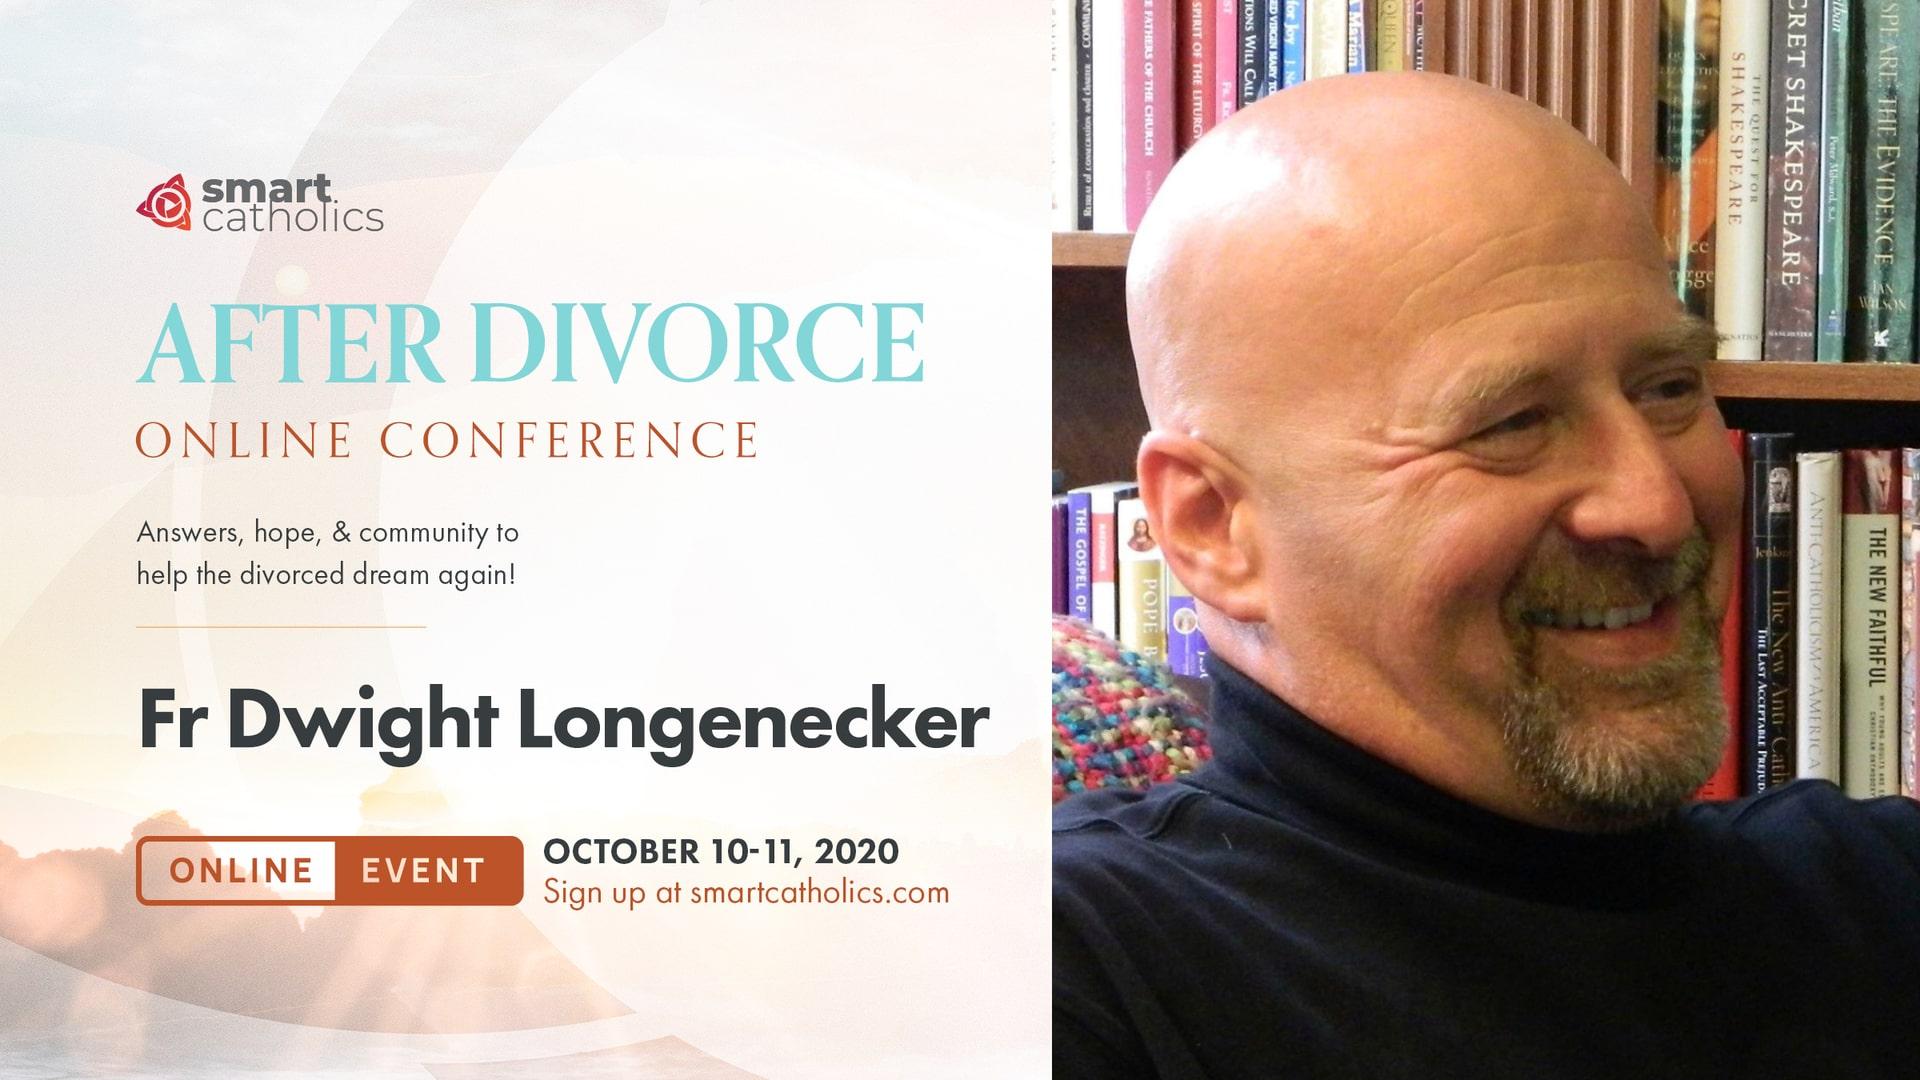 Fr Dwight Longenecker 'After Divorce' 2020 Conference